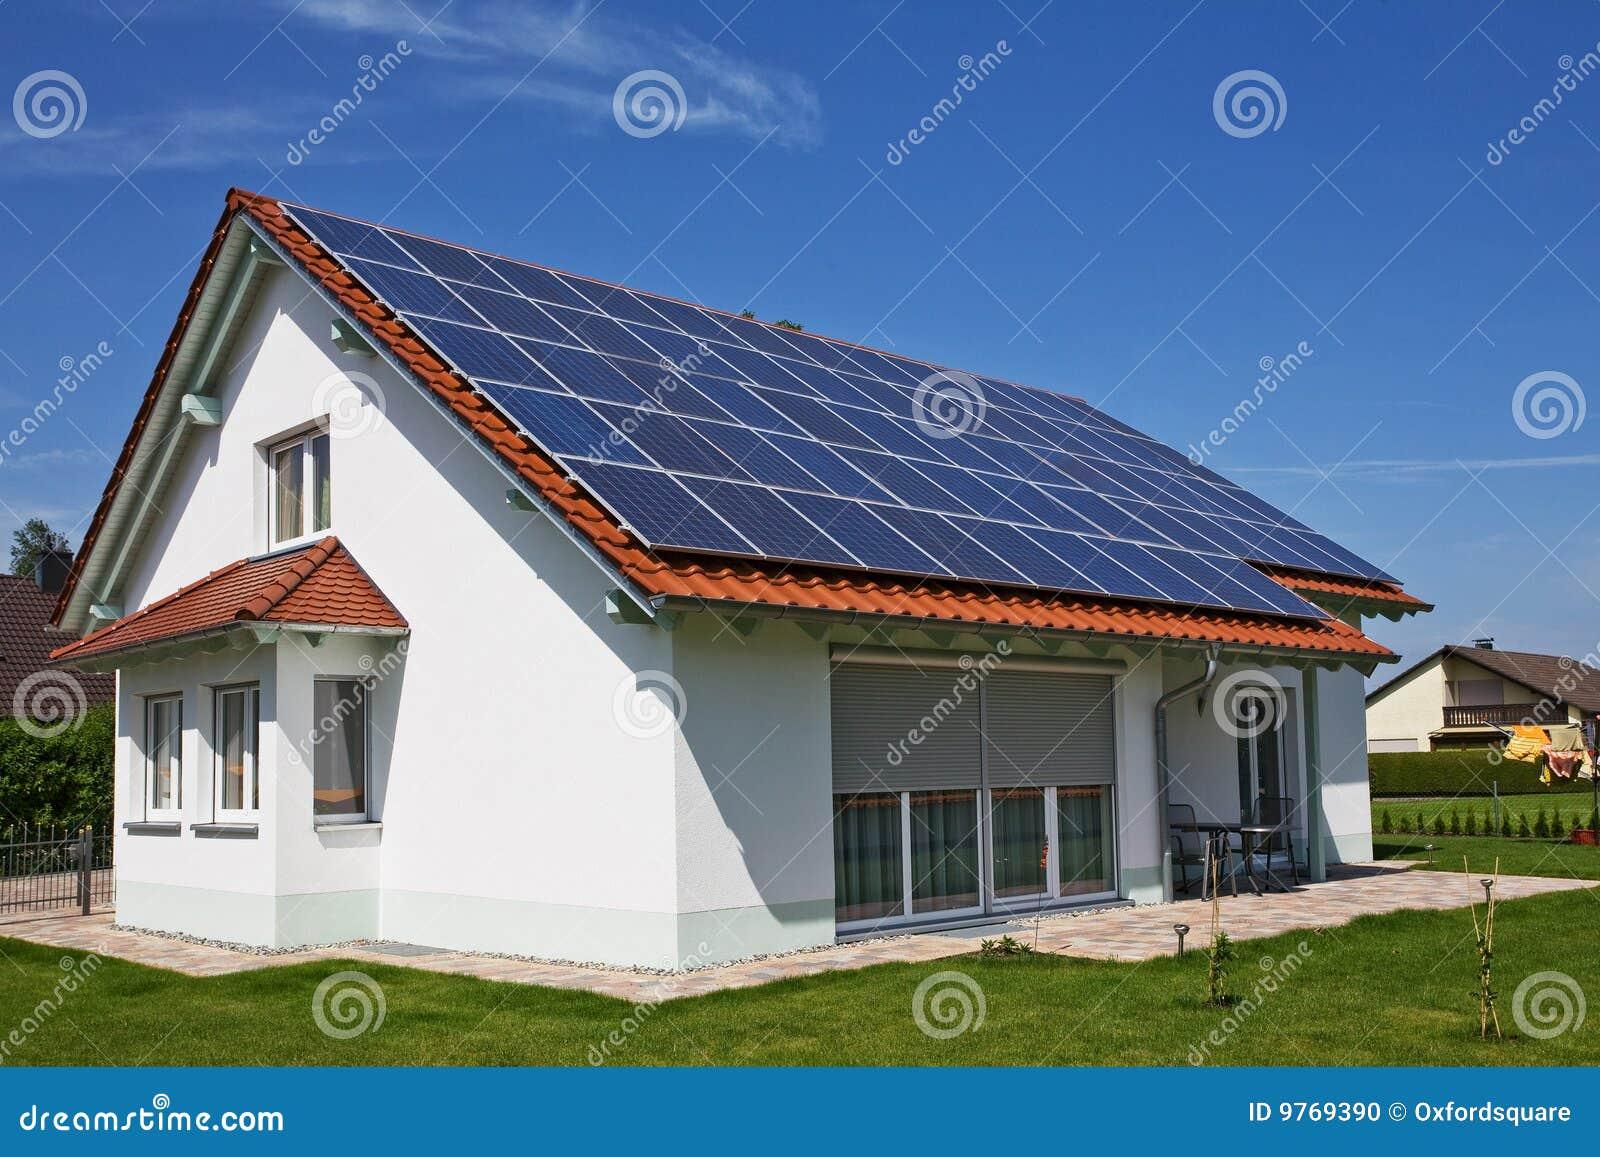 Panneau de maison solaire photo stock image 9769390 - Panneau solaire maison ...